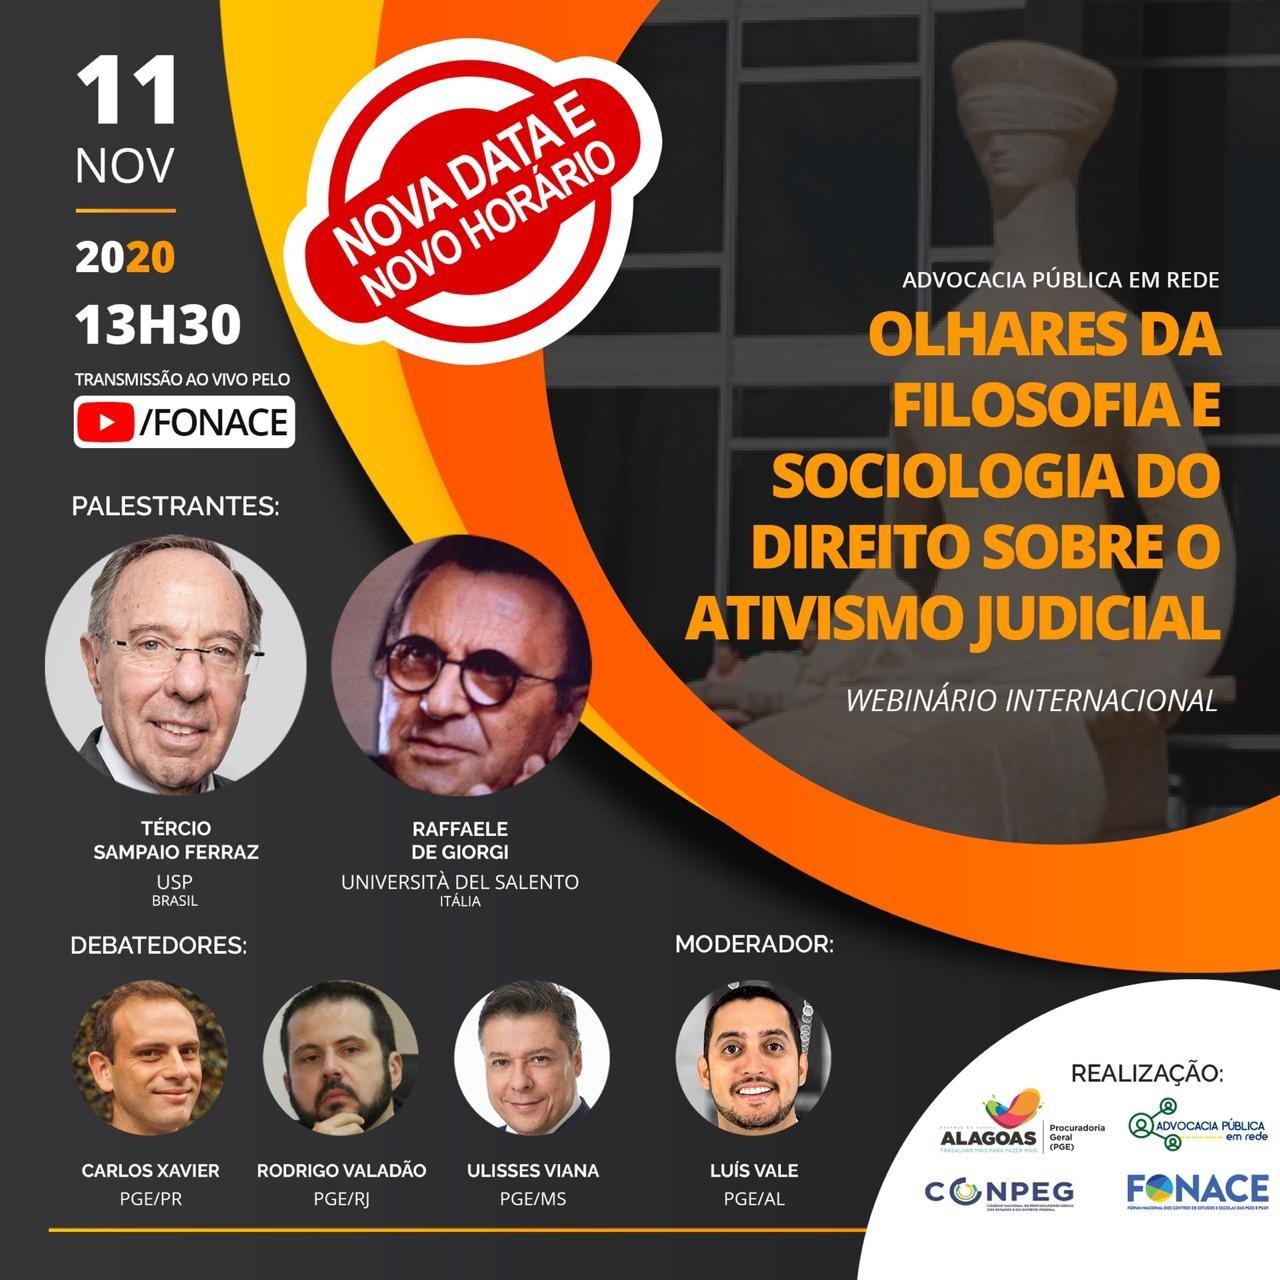 Olhares da Filosofia e Sociologia do Direito Sobre o Ativismo Judicial